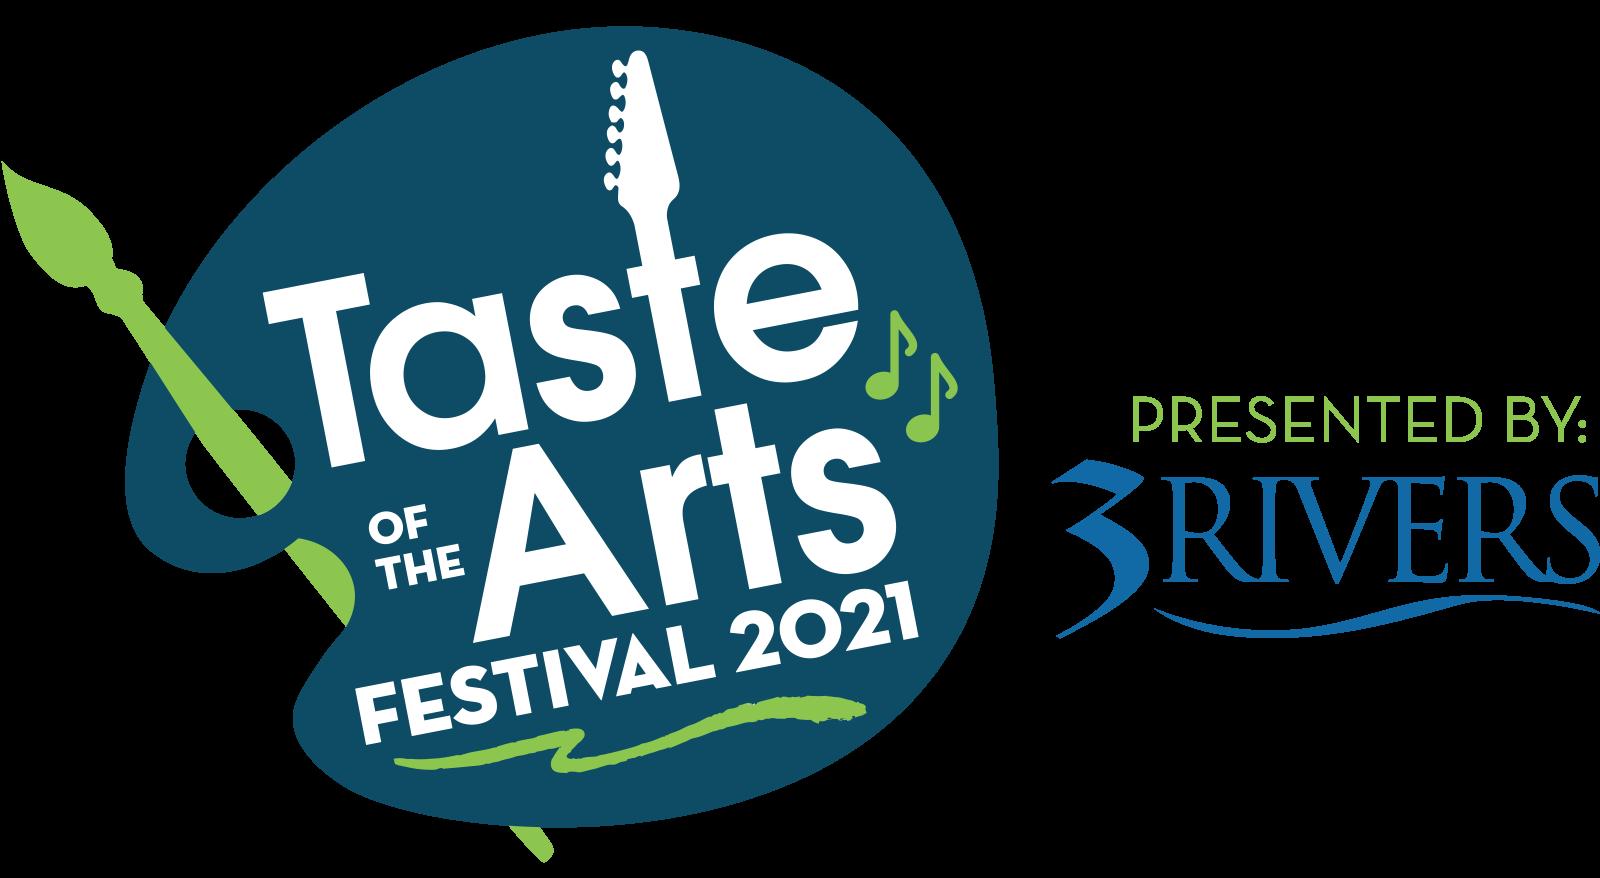 Taste of the Arts Festival